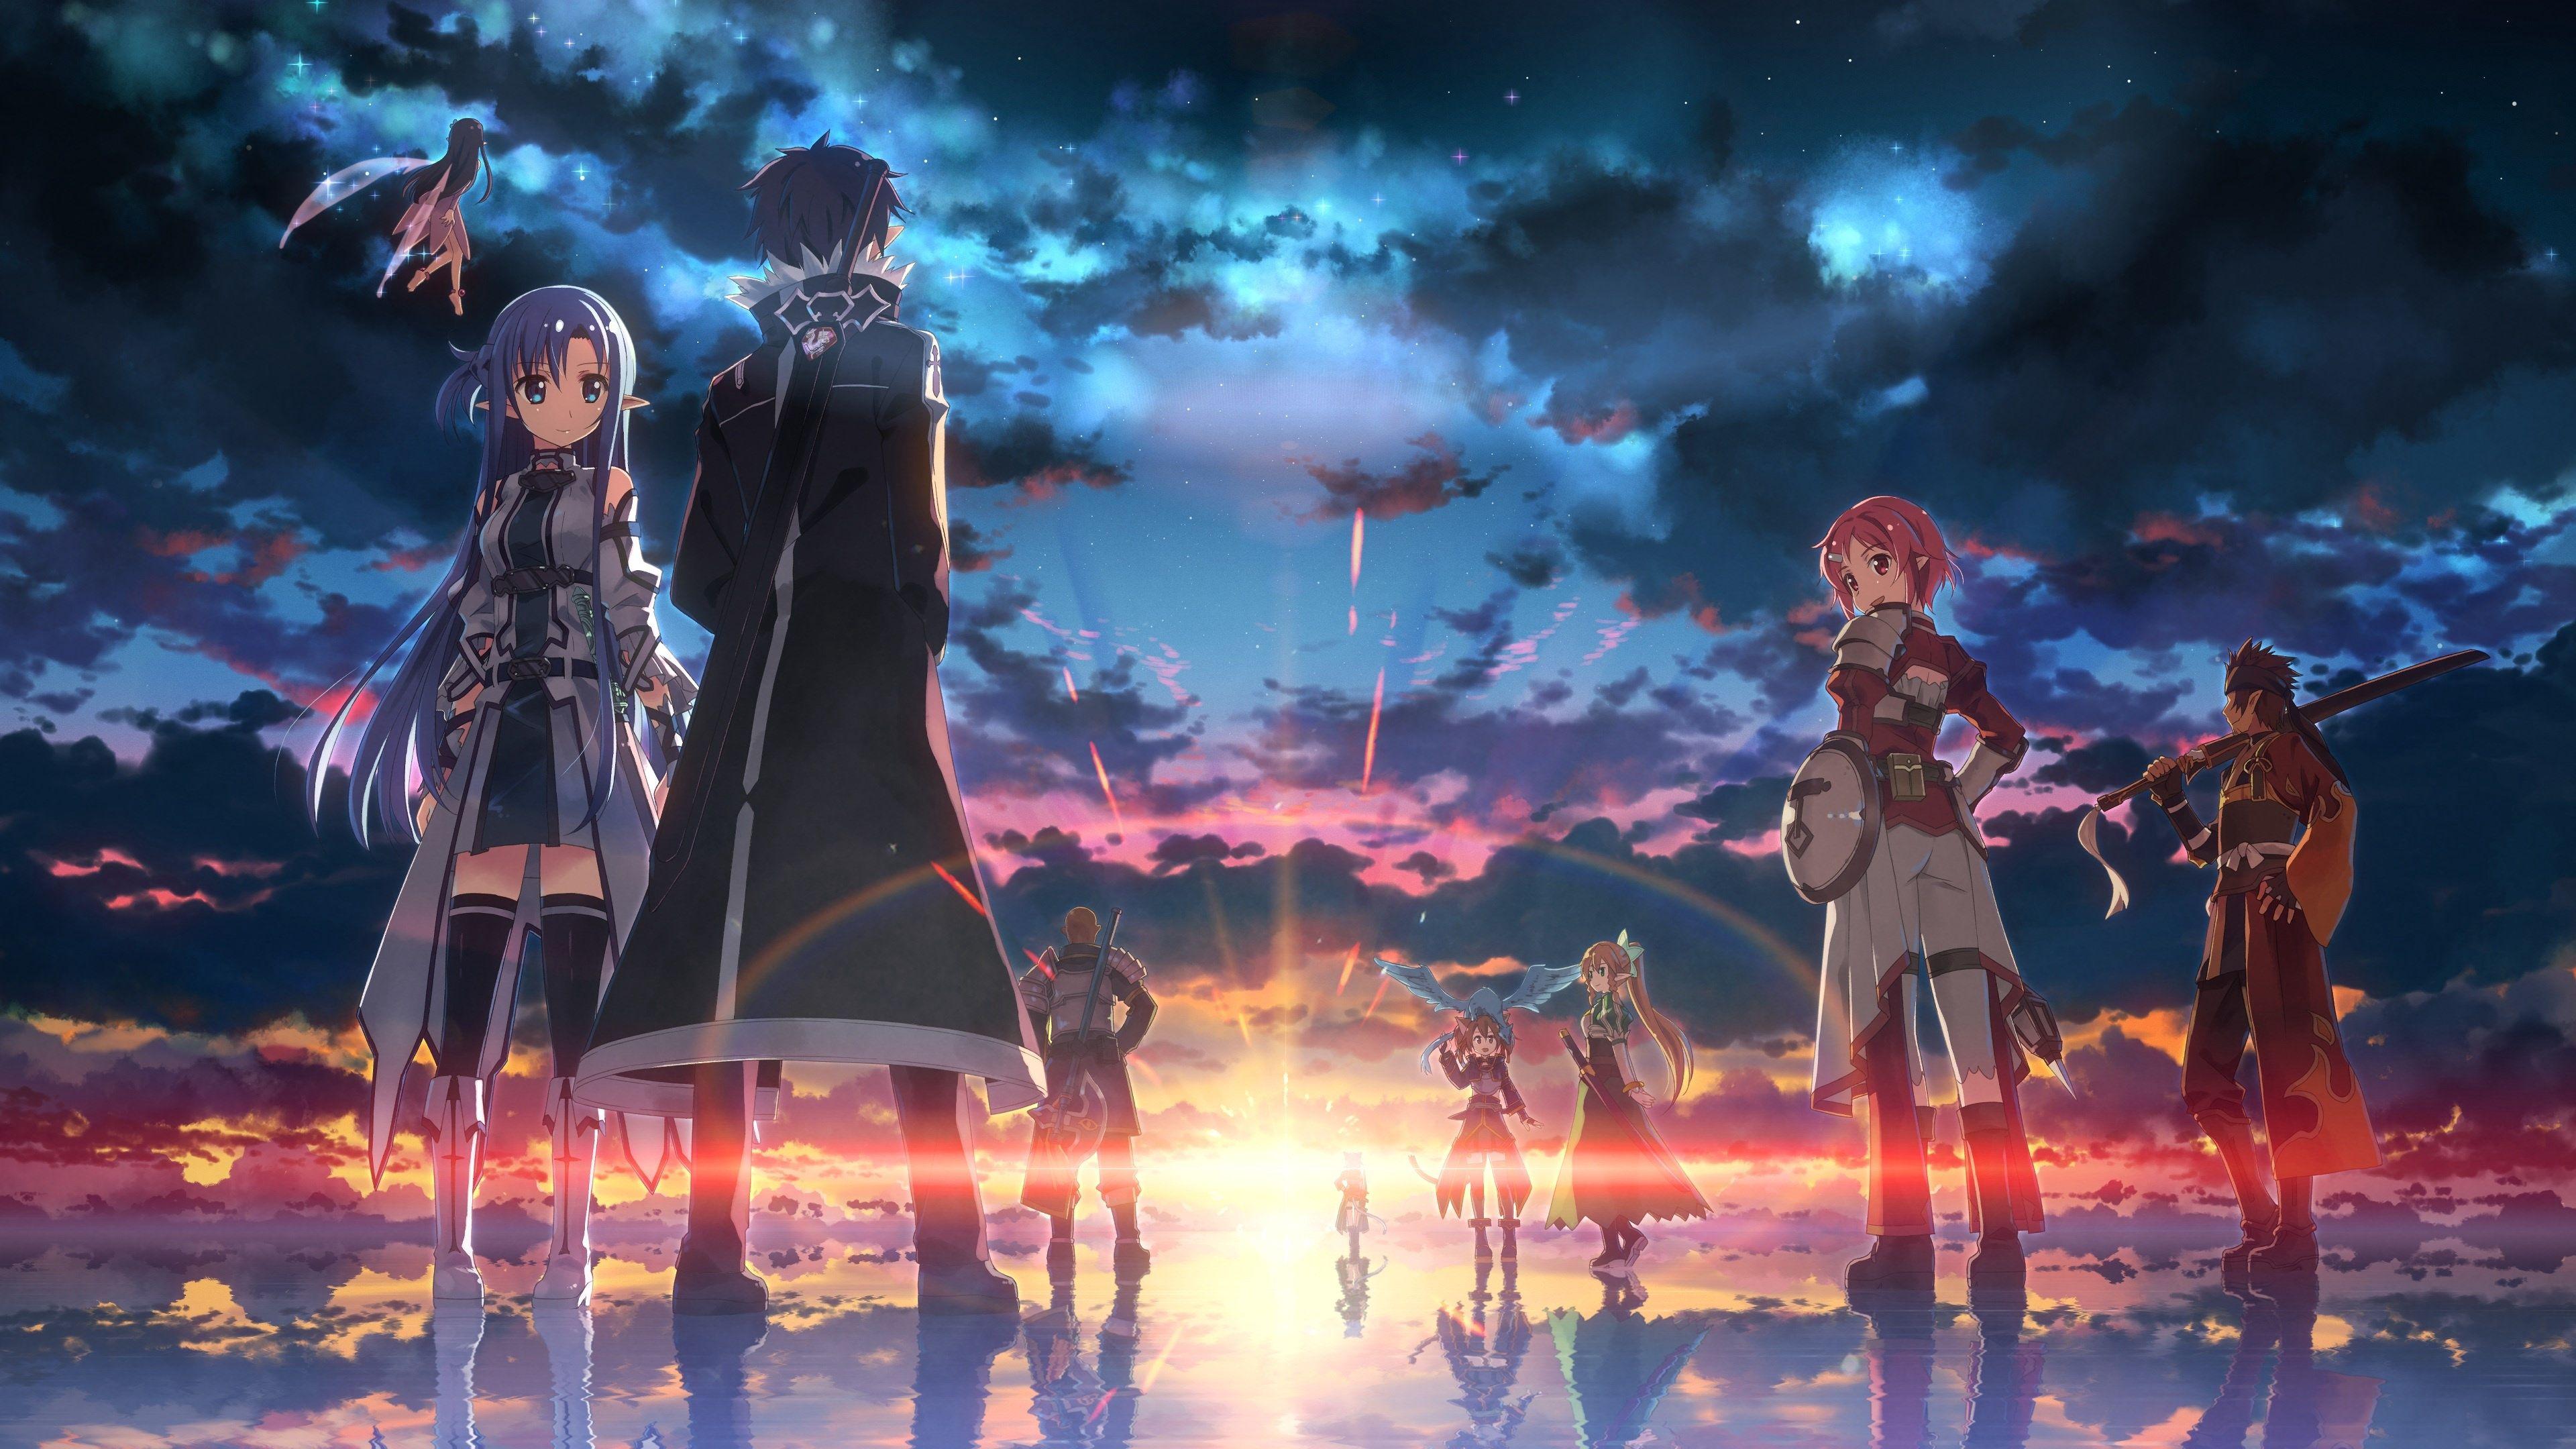 Kết quả hình ảnh cho anime background (Dengan gambar